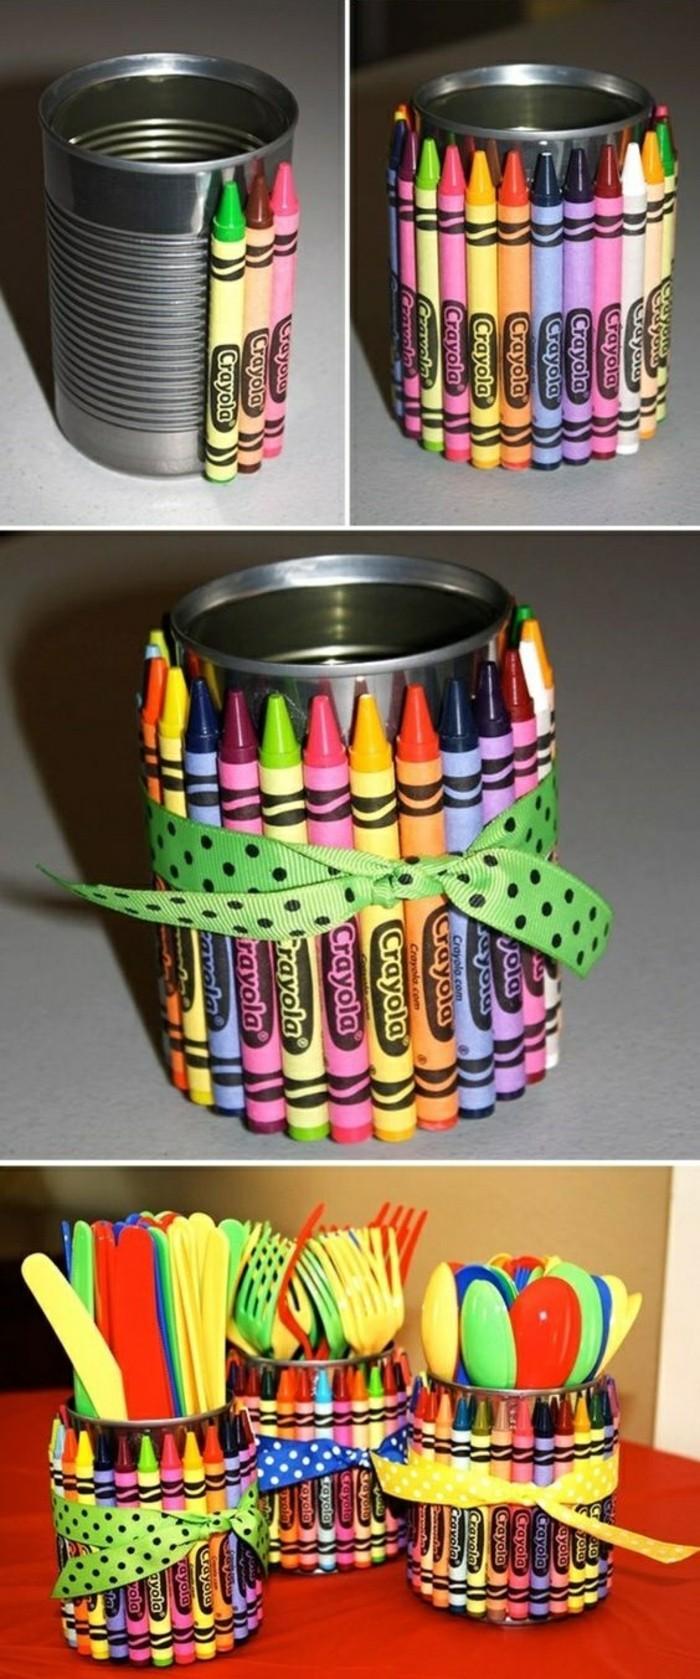 barattoli-latta-decorazione-pastelli-intorno-legati-nastro-verde-giallo-blu